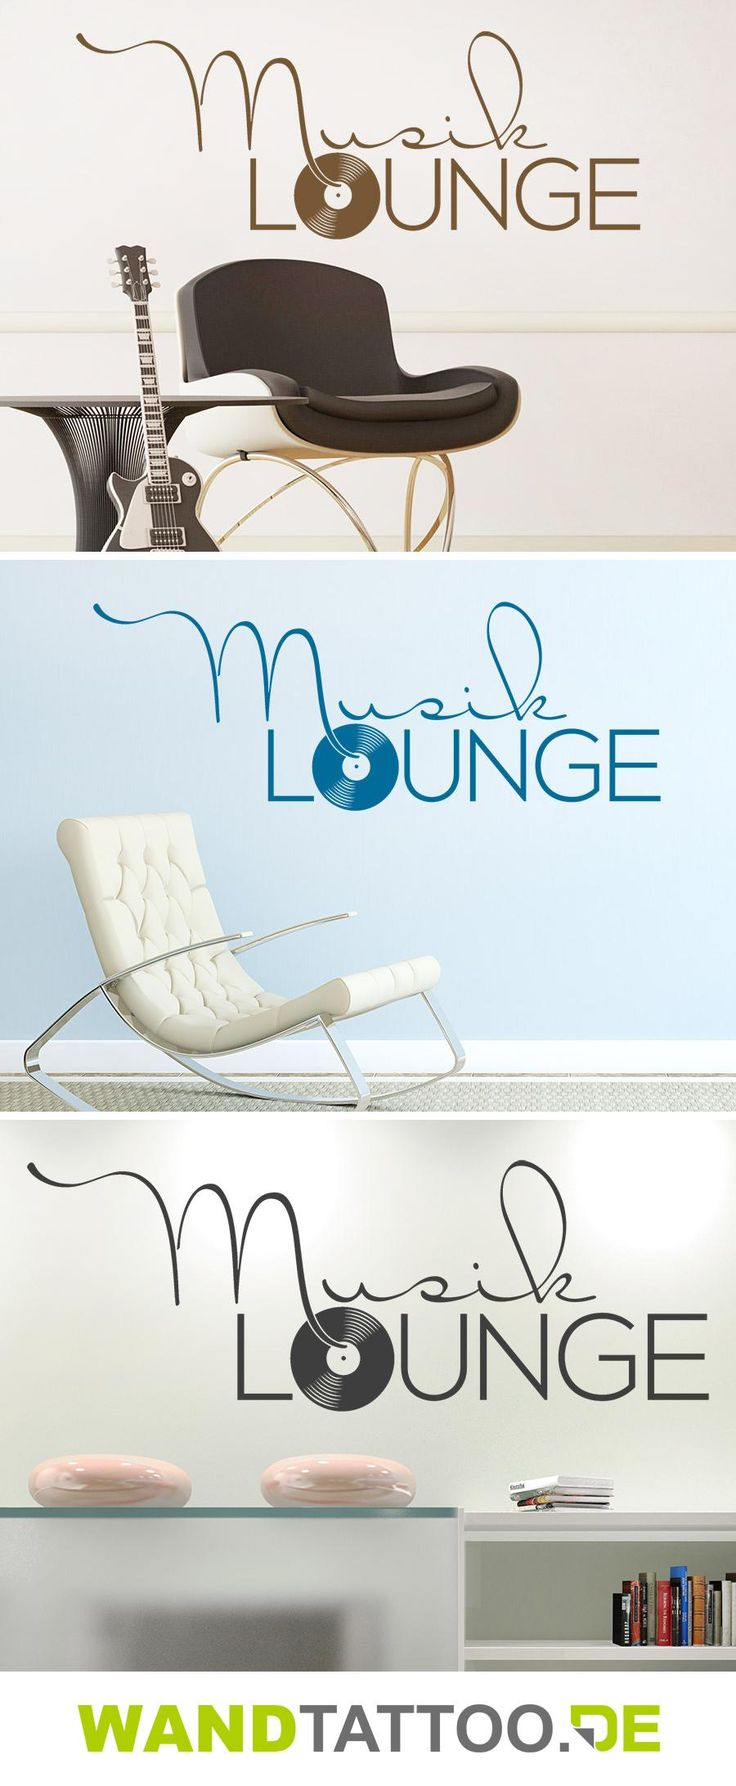 Wandtattoo Musik Lounge hier entdecken. Spitzenqualität aus Deutschland   schnelle Lieferung   portofrei (D) bei WANDTATTOO.DE bestellen!